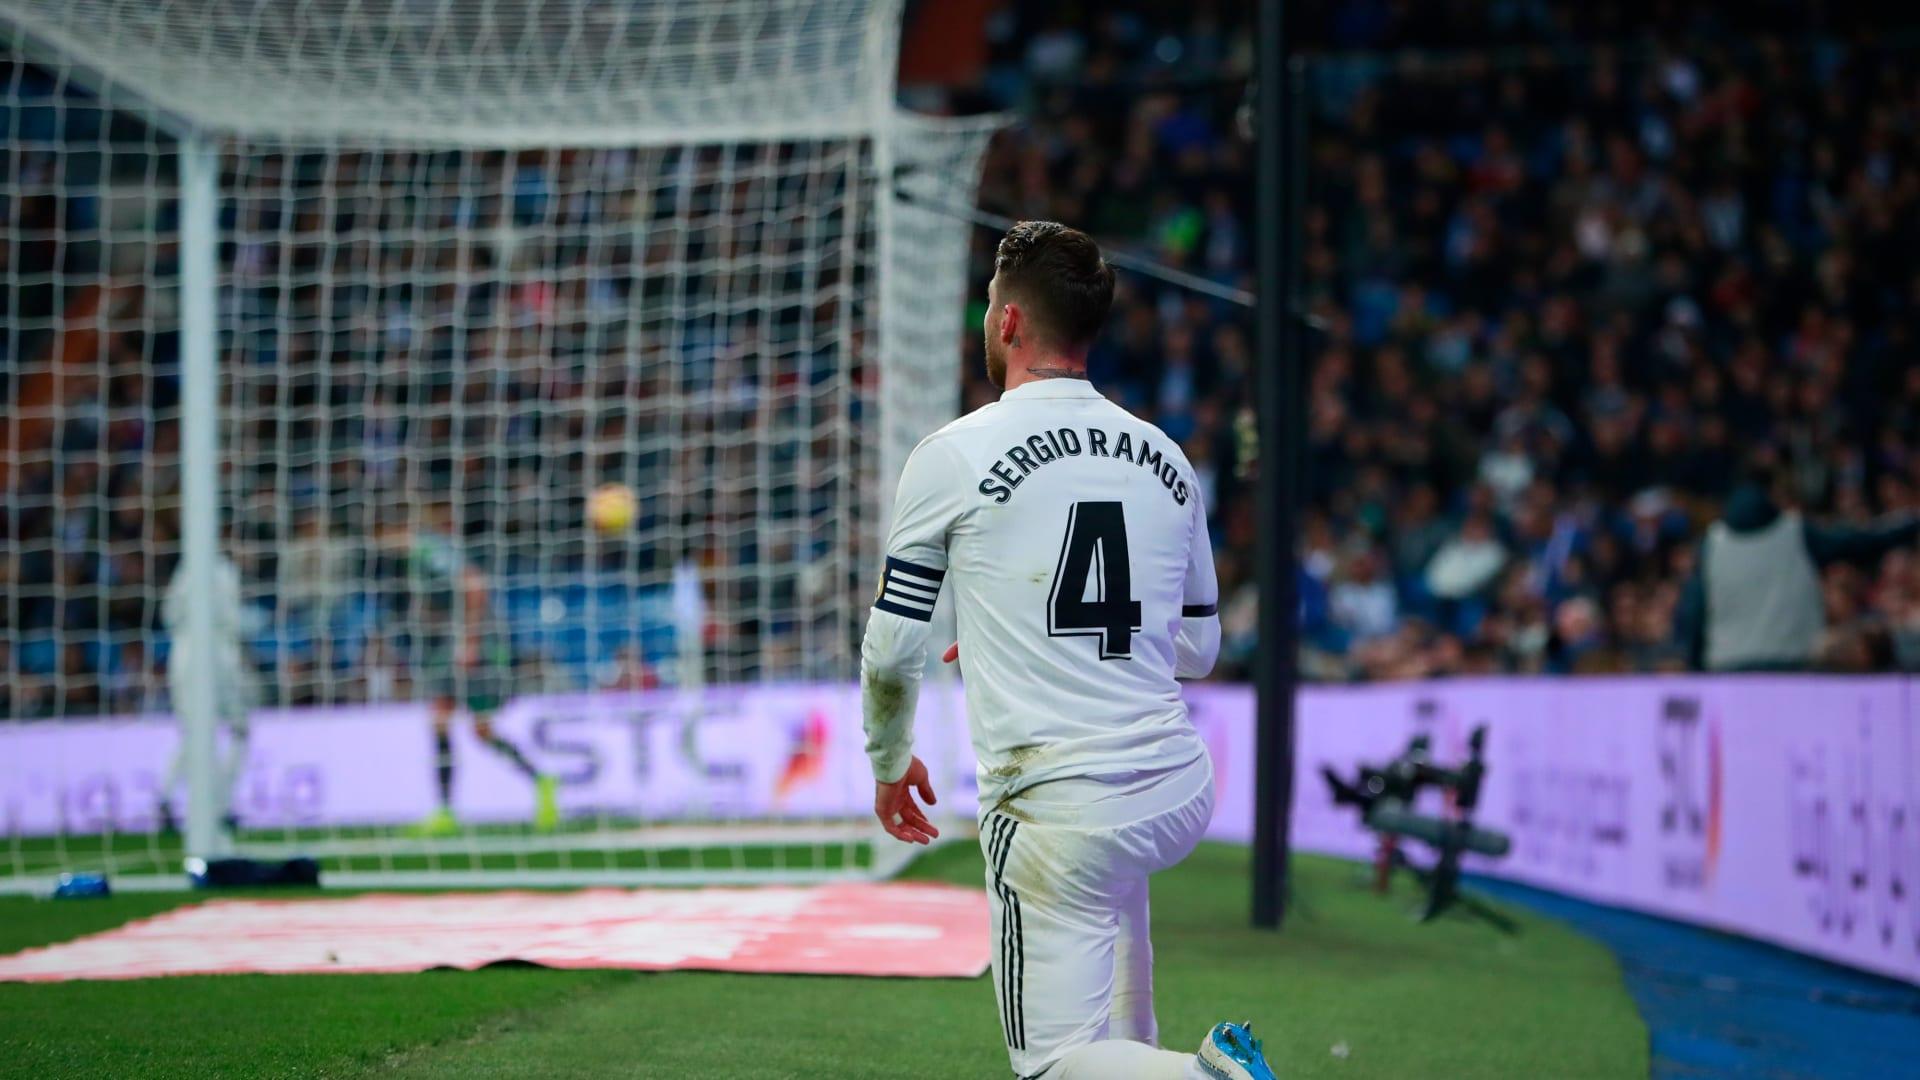 بعد الصافرة.. لماذا تنازل ريال مدريد عن عرش أوروبا؟